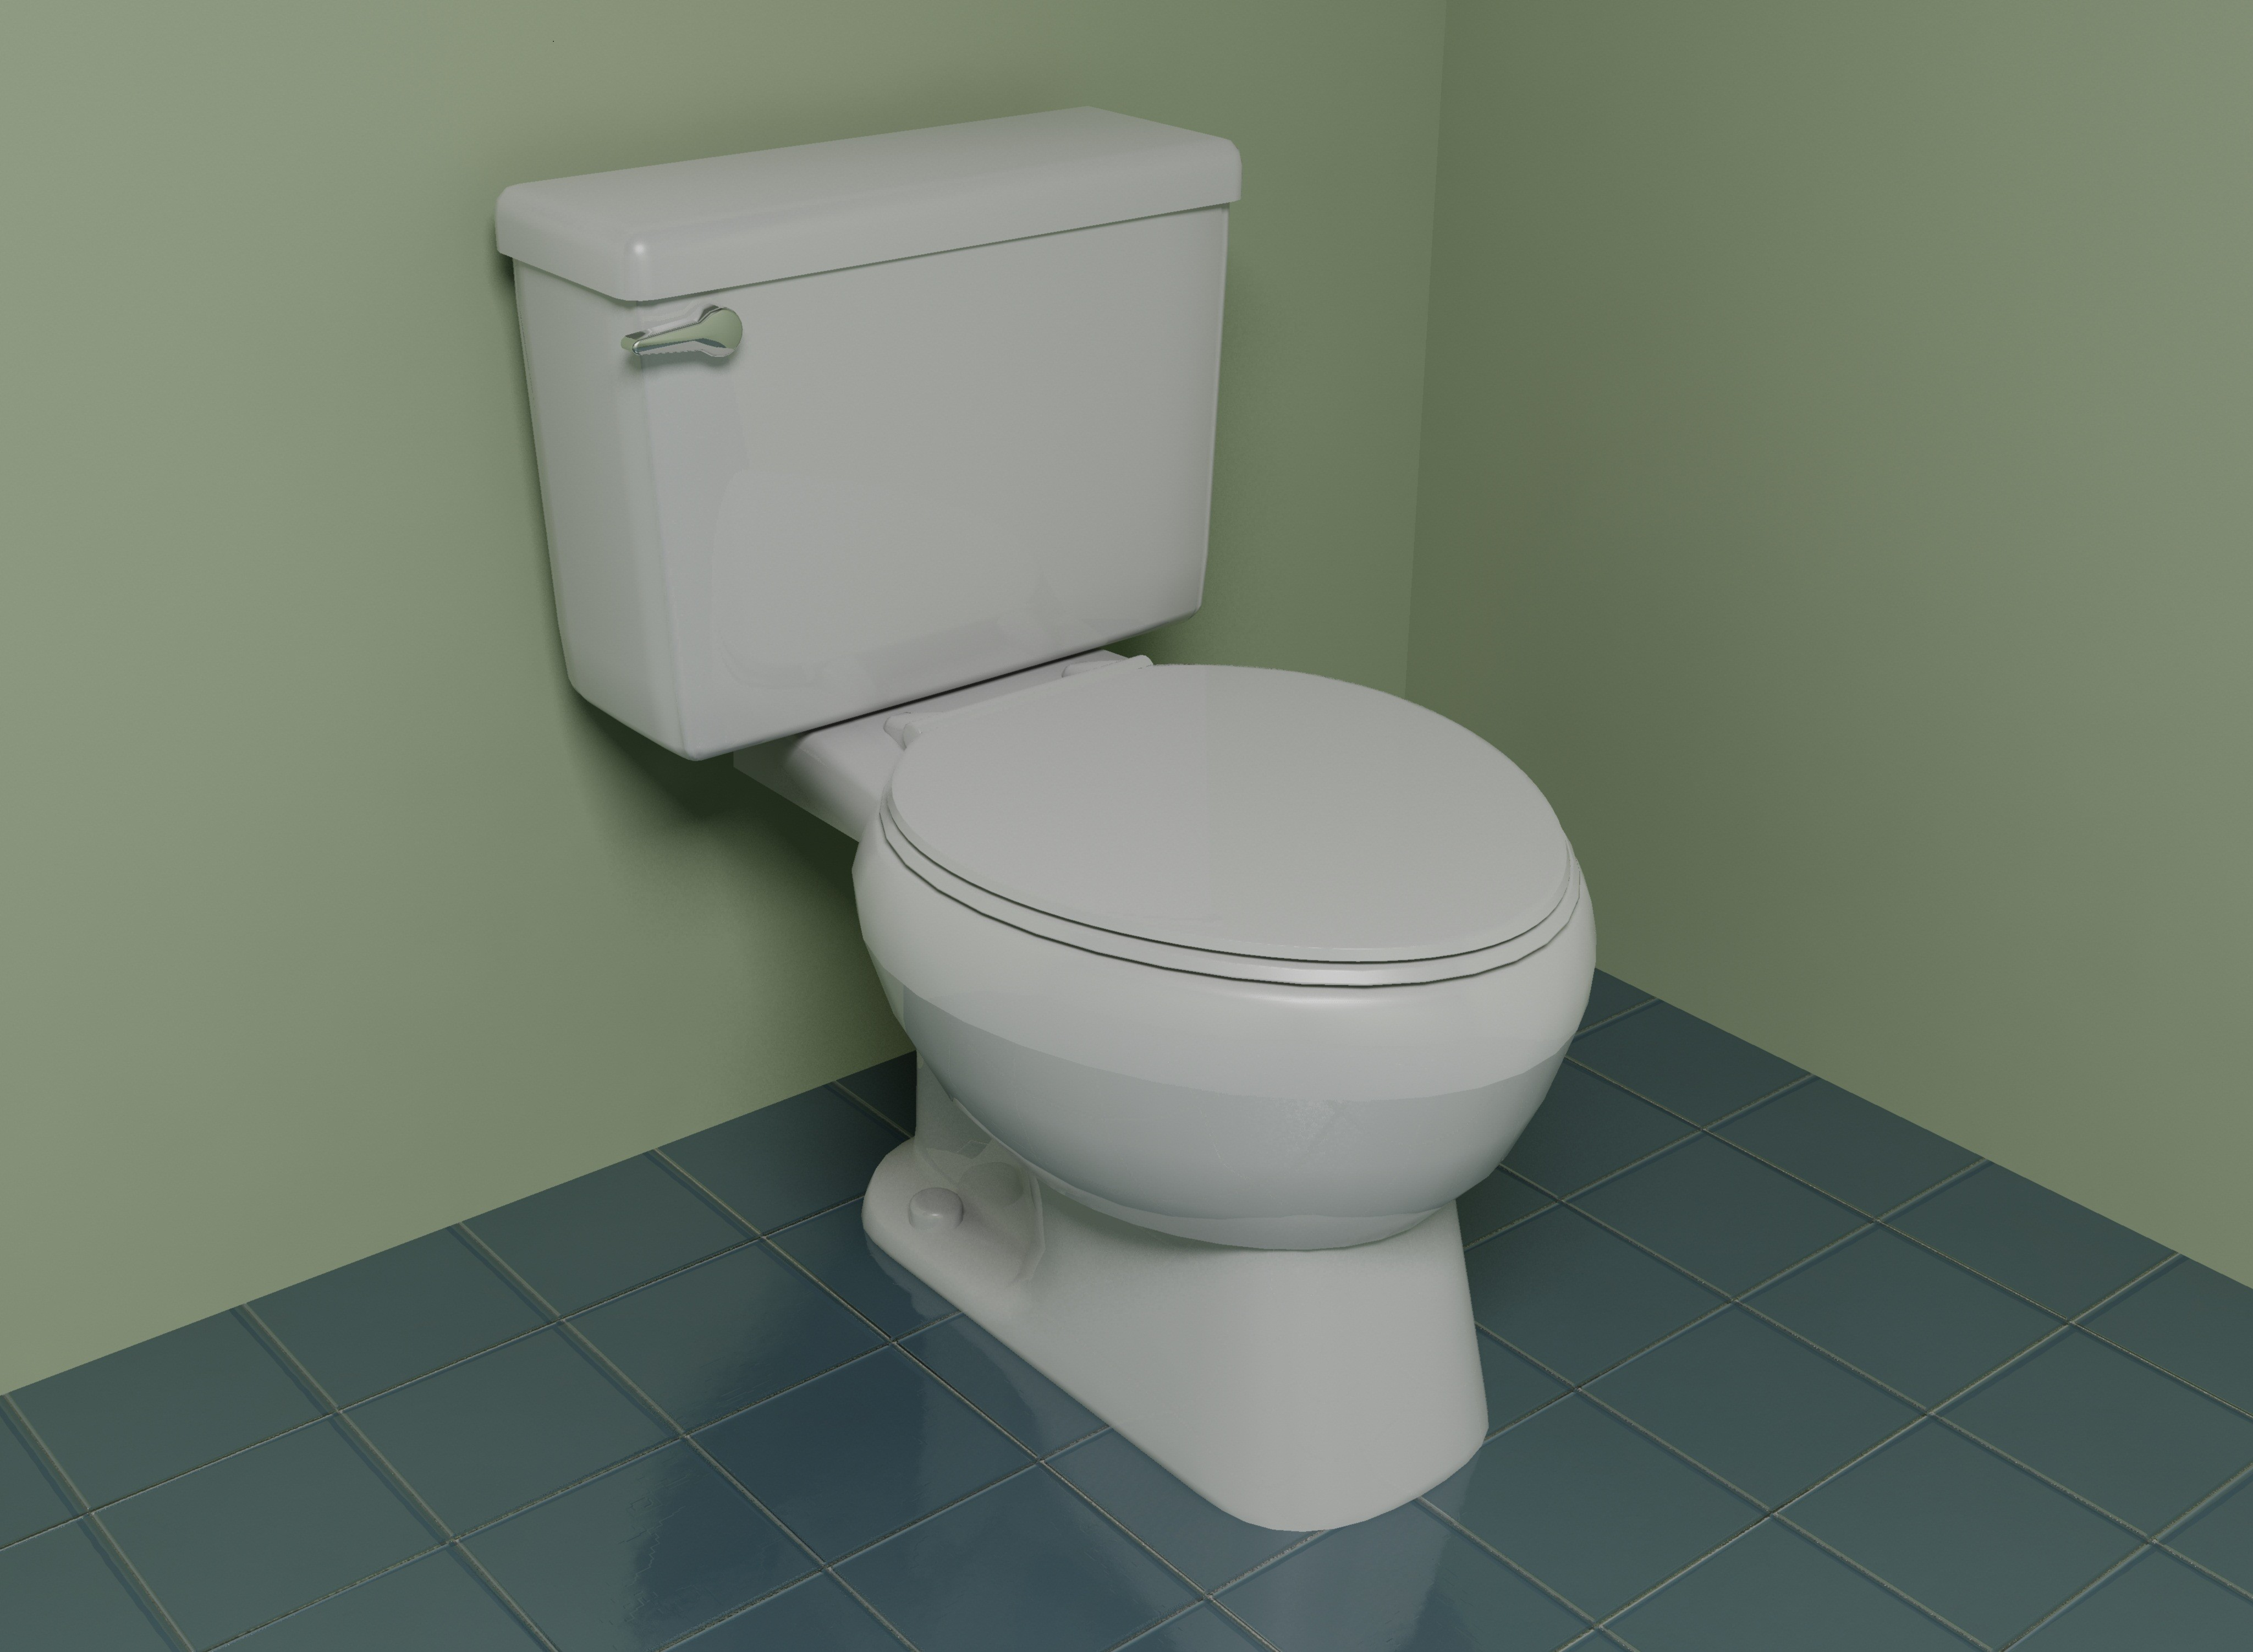 toilet6.jpg